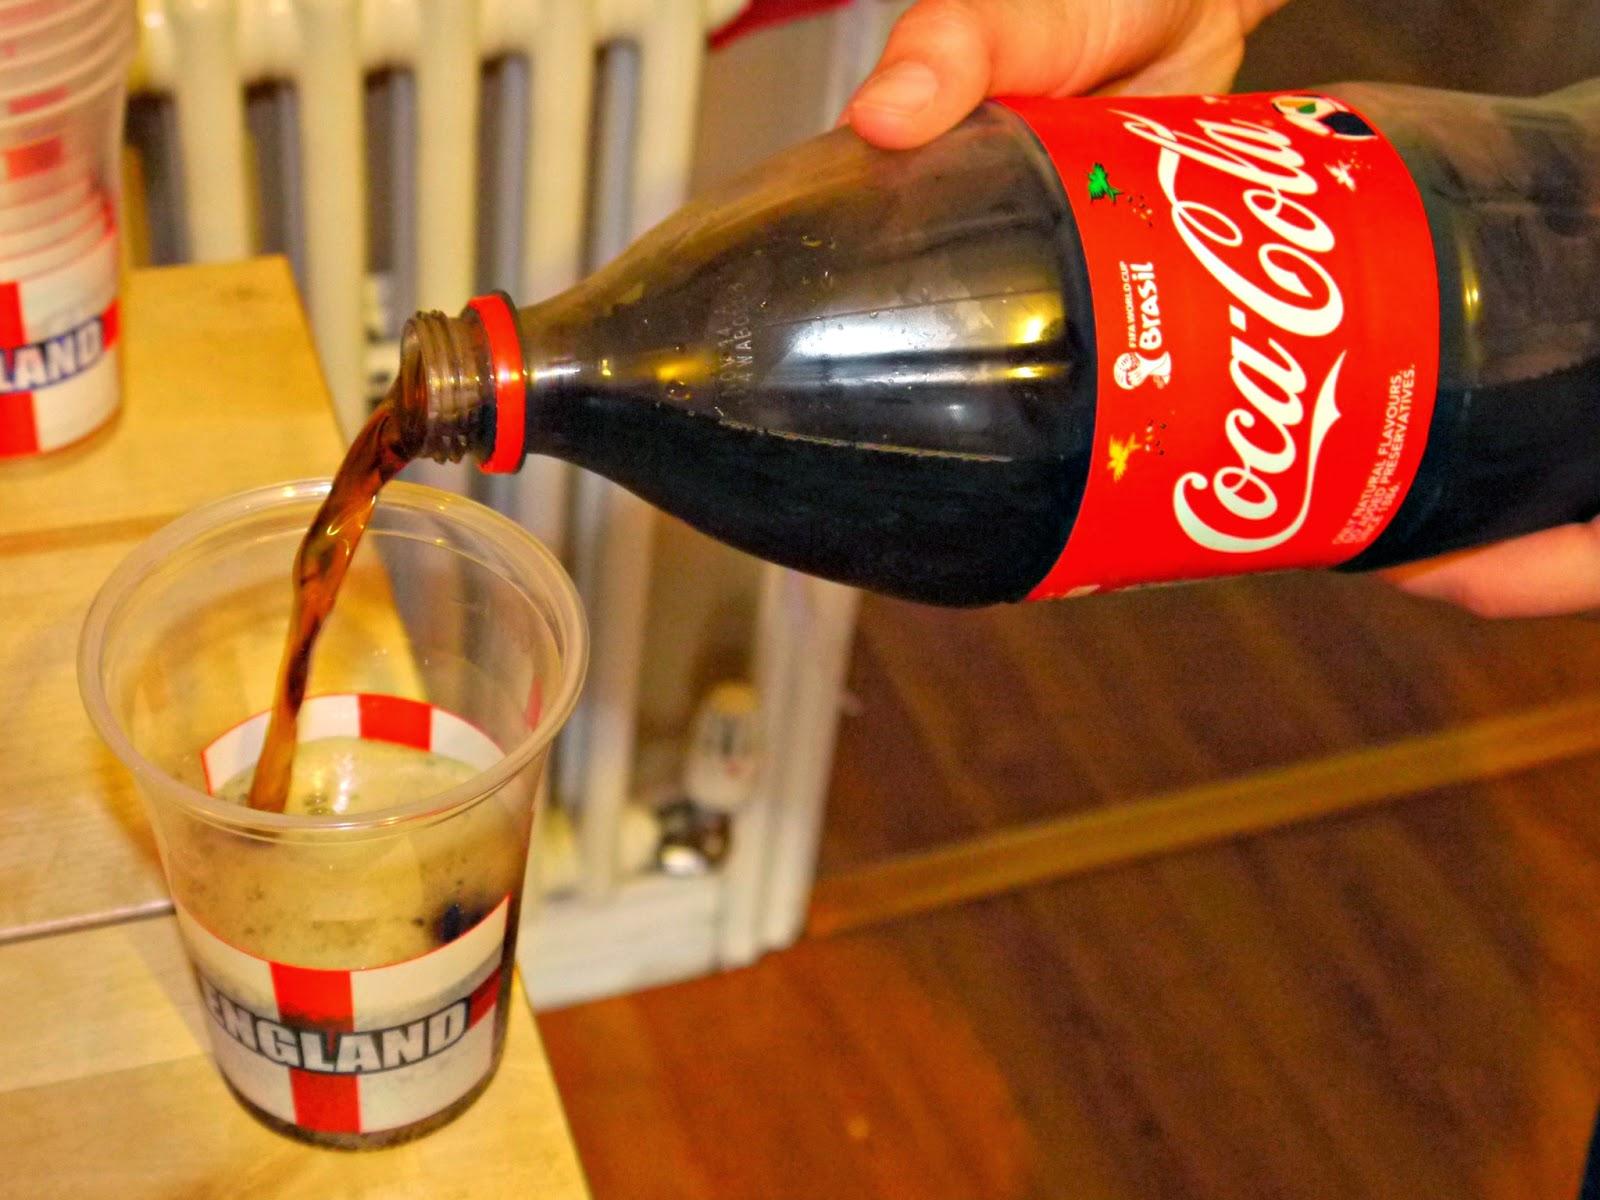 #cbias, #bigmatchplanner, Coke